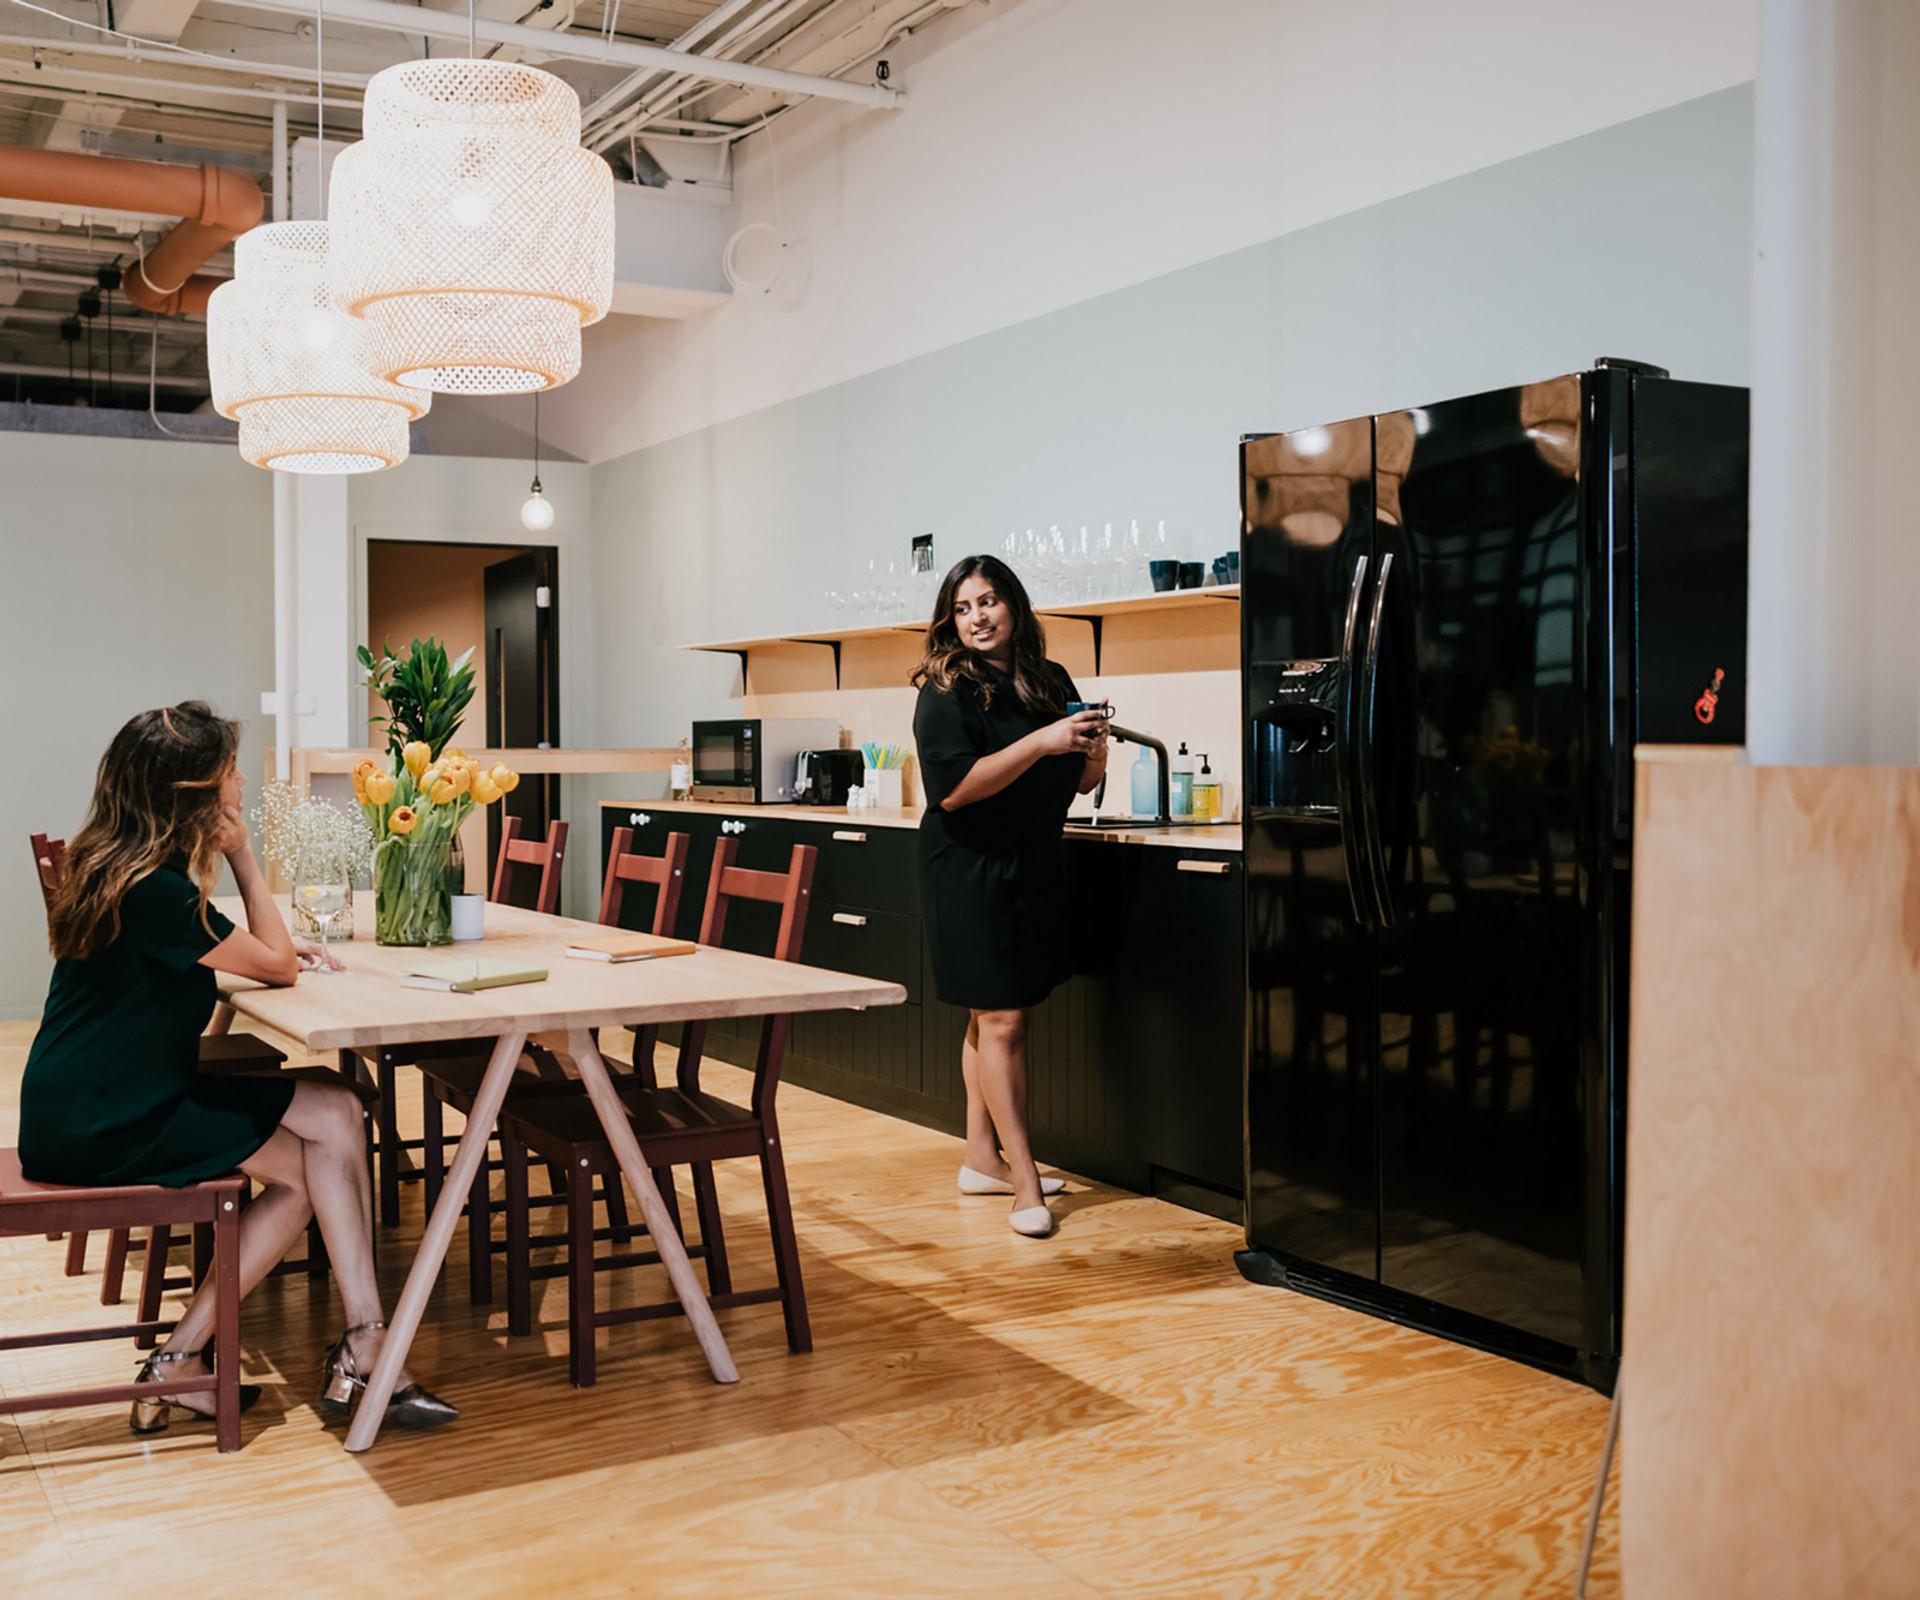 Basketweave Pendants and Wood Shelving for Studio Hub | Kuchar